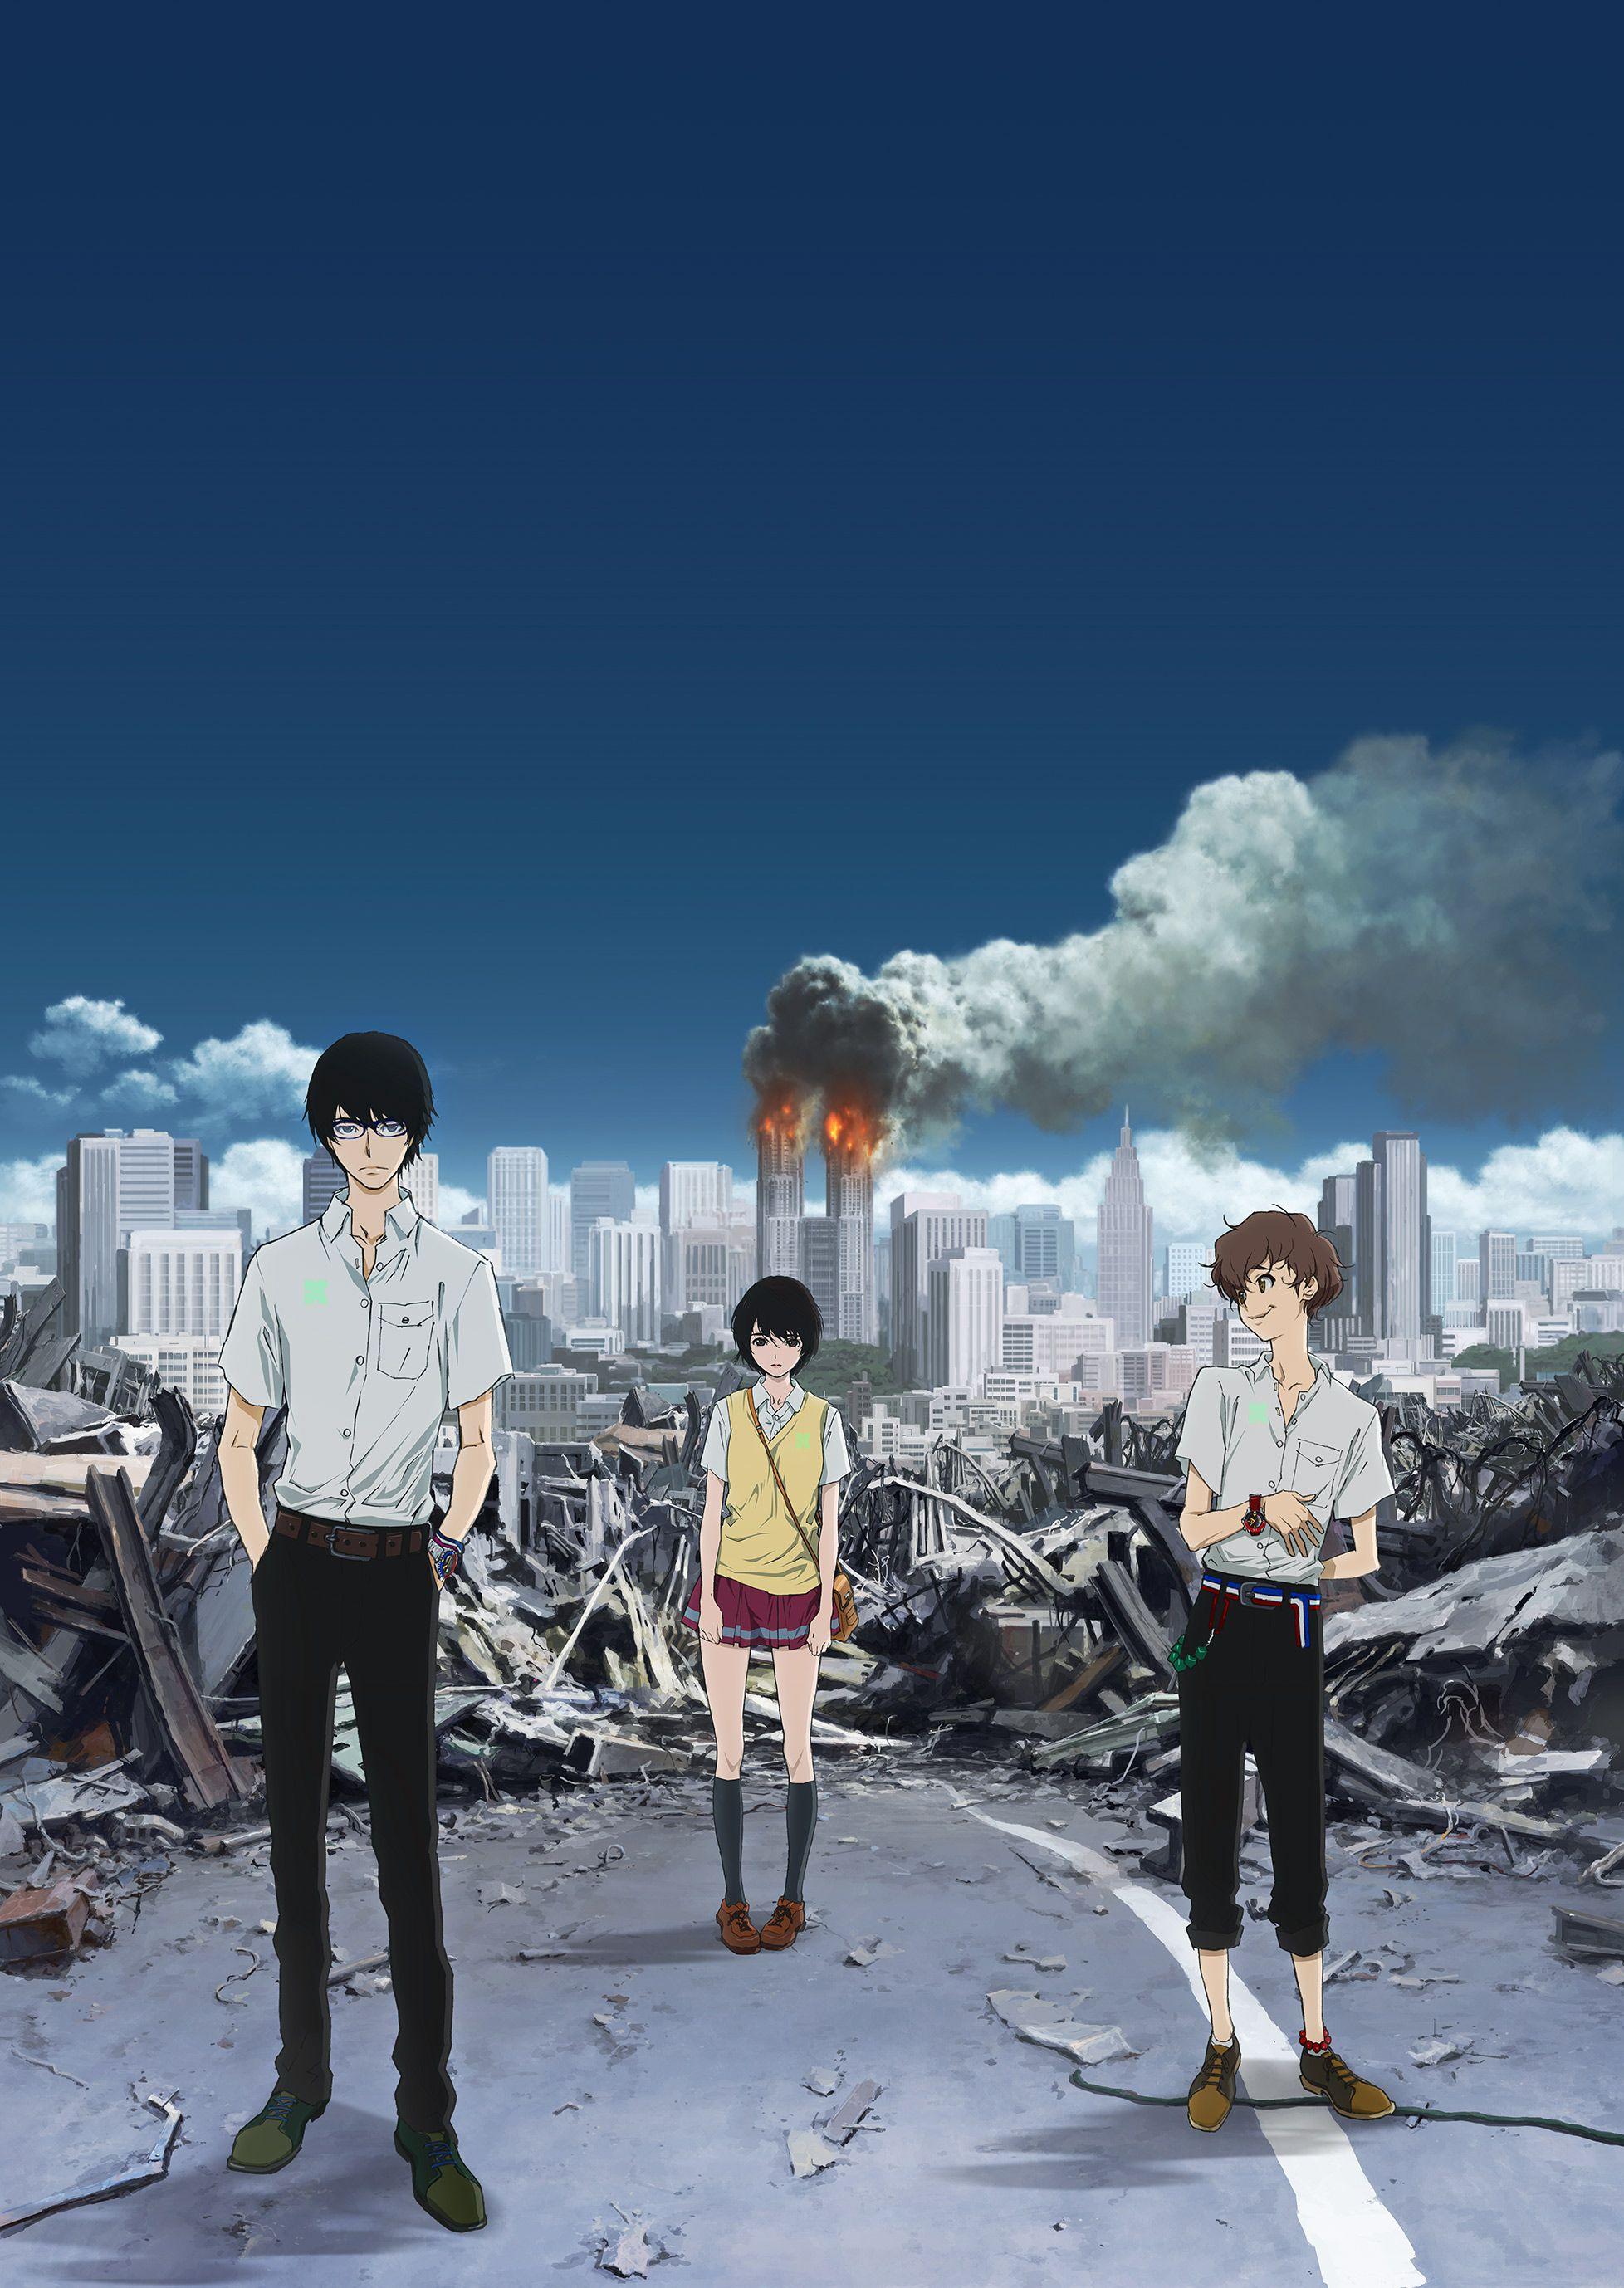 Zankyō no Terror il nuovo anime presentato da Fuji TV svela le prime notizie su anteprima e personaggi in un video promo che vedrà la serie entro l'anno!